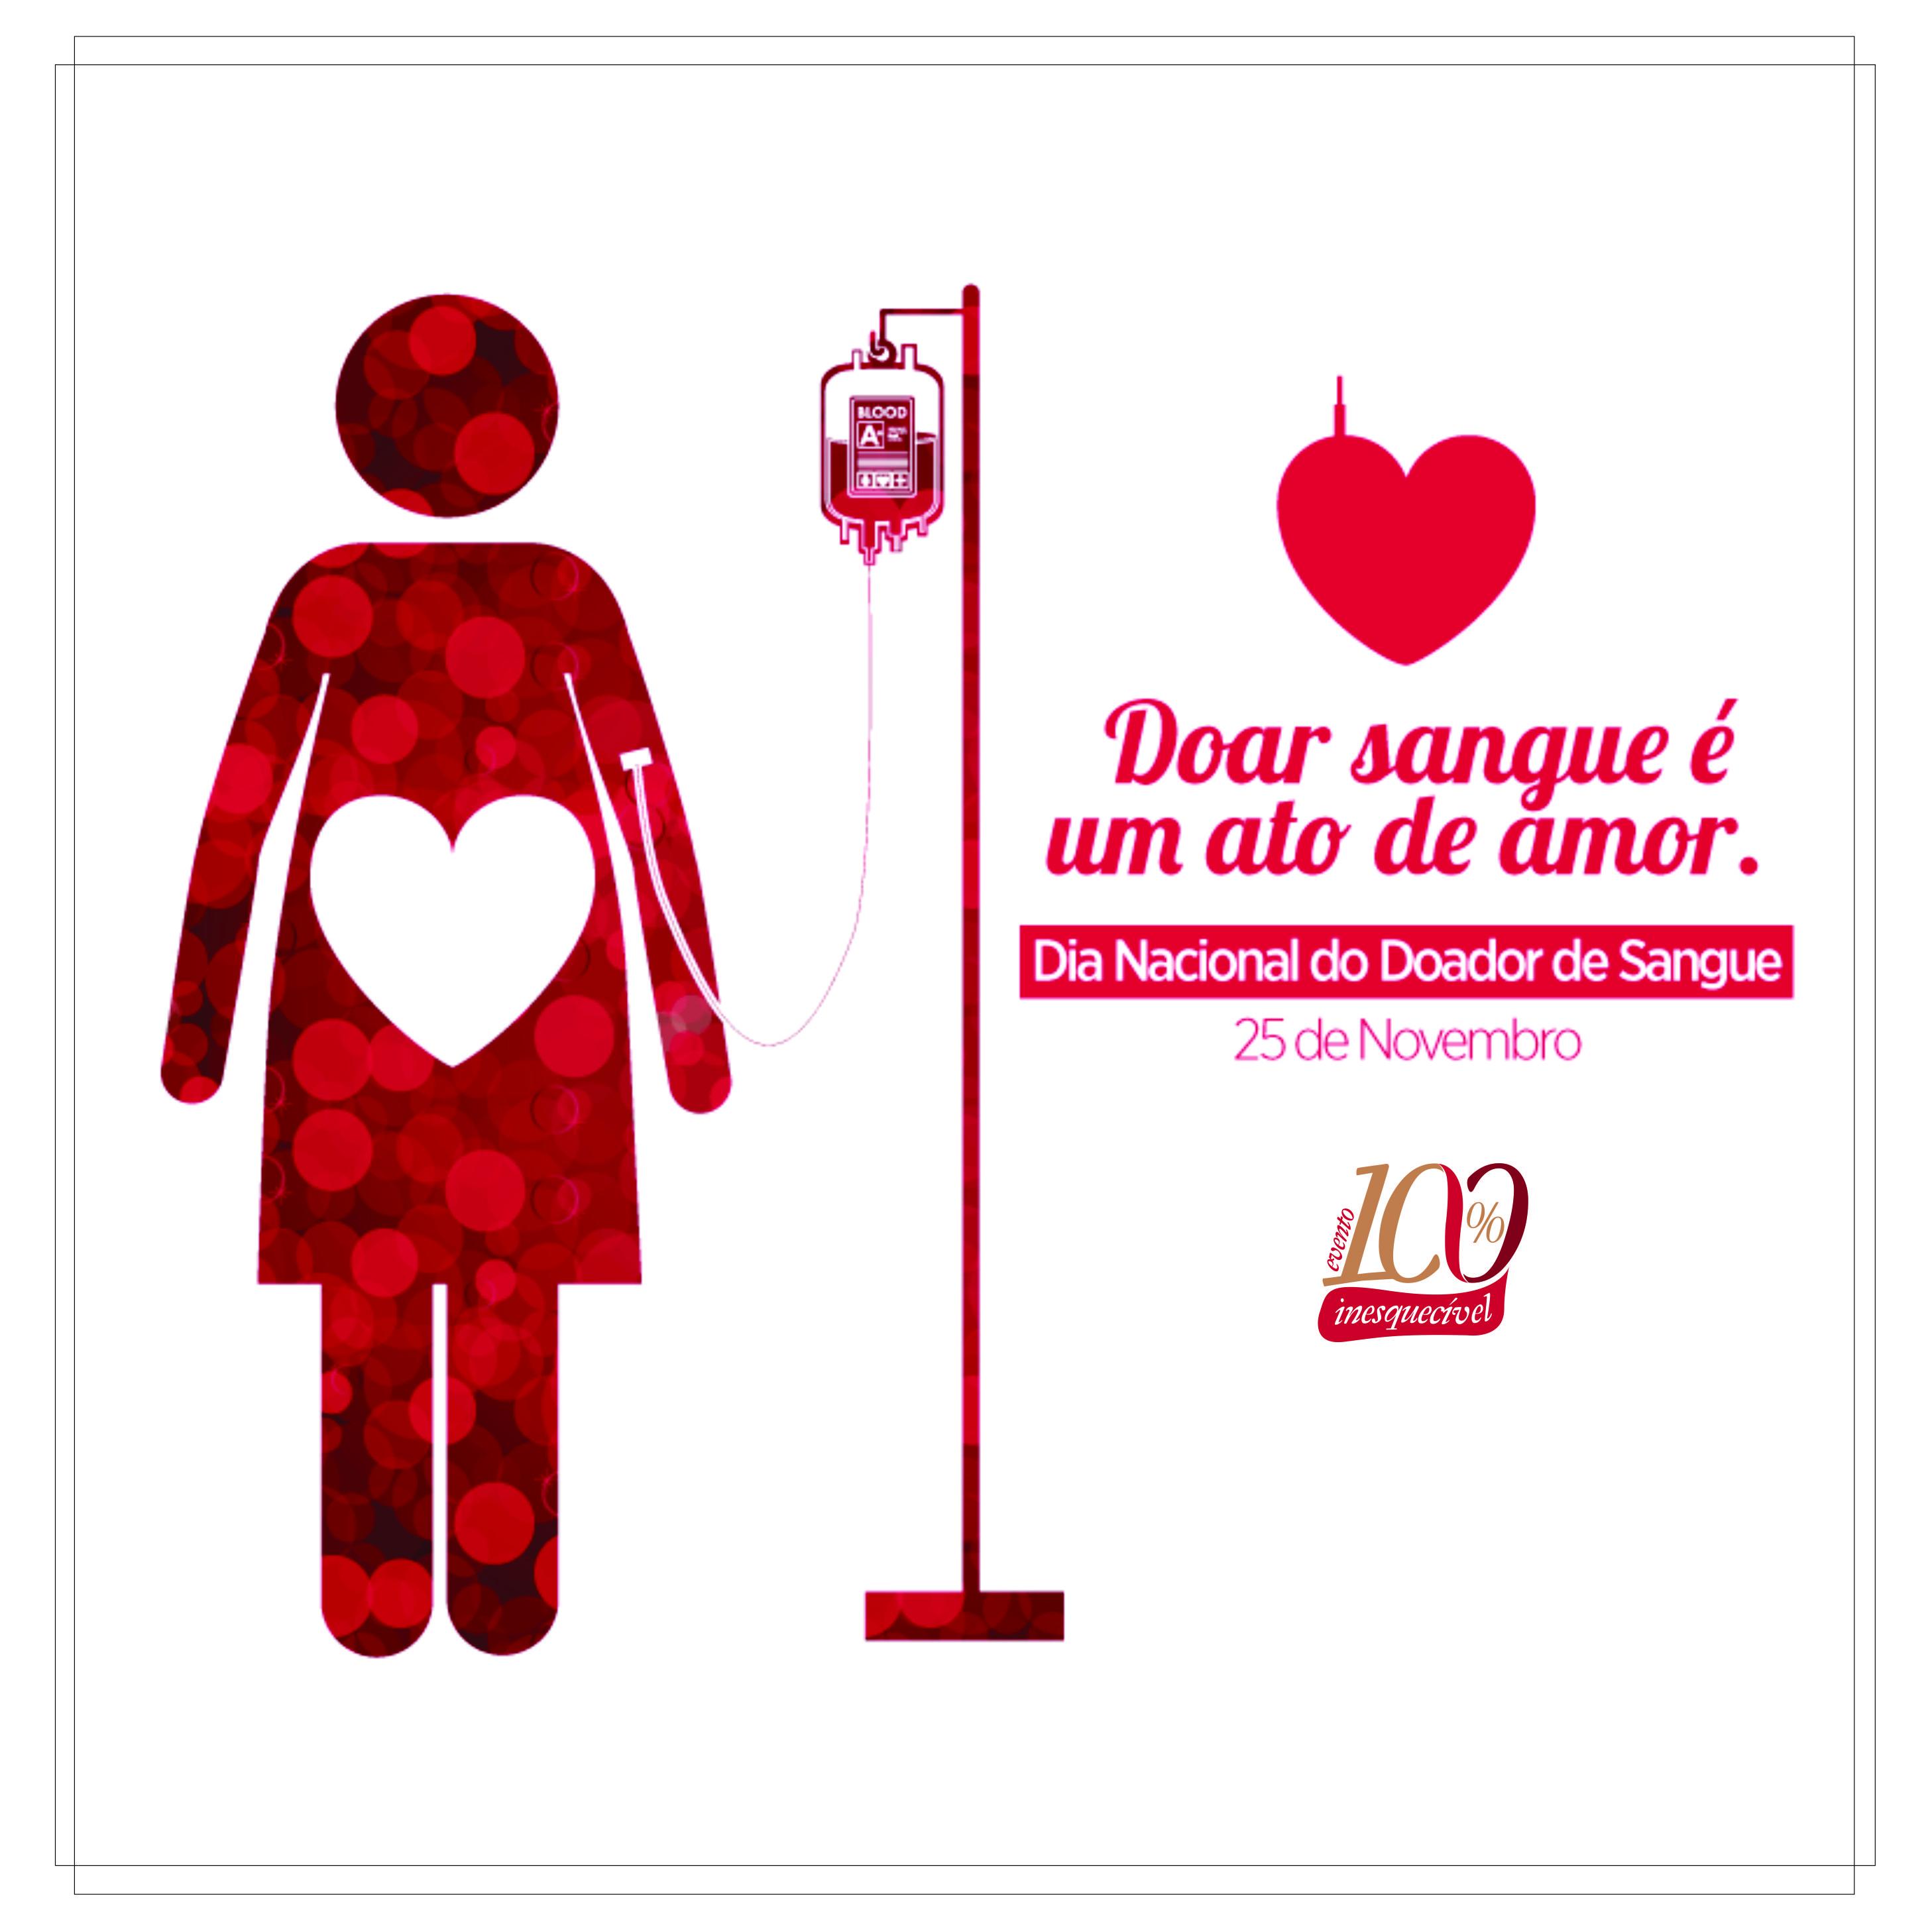 25 de novembro – Dia nacional do doador de sangue